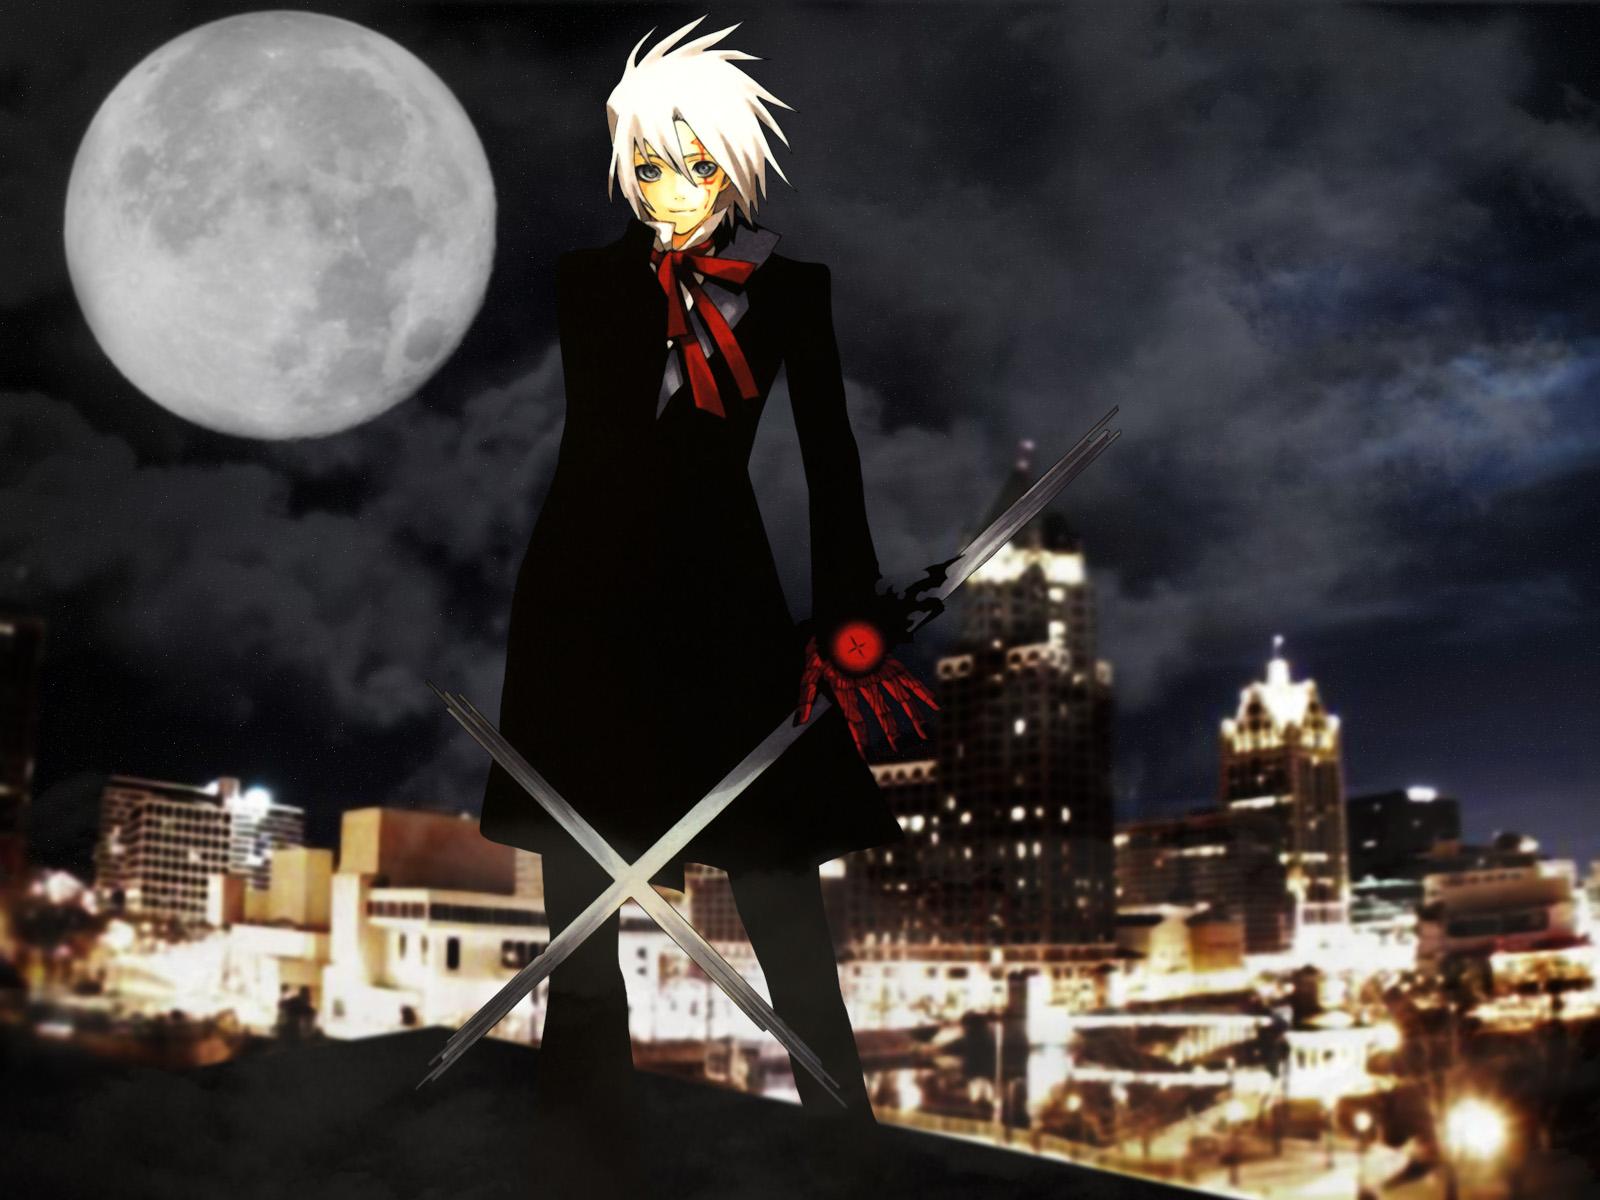 mi ficha de izanagi genzai Anime_dark_gothic_boy_-_0030